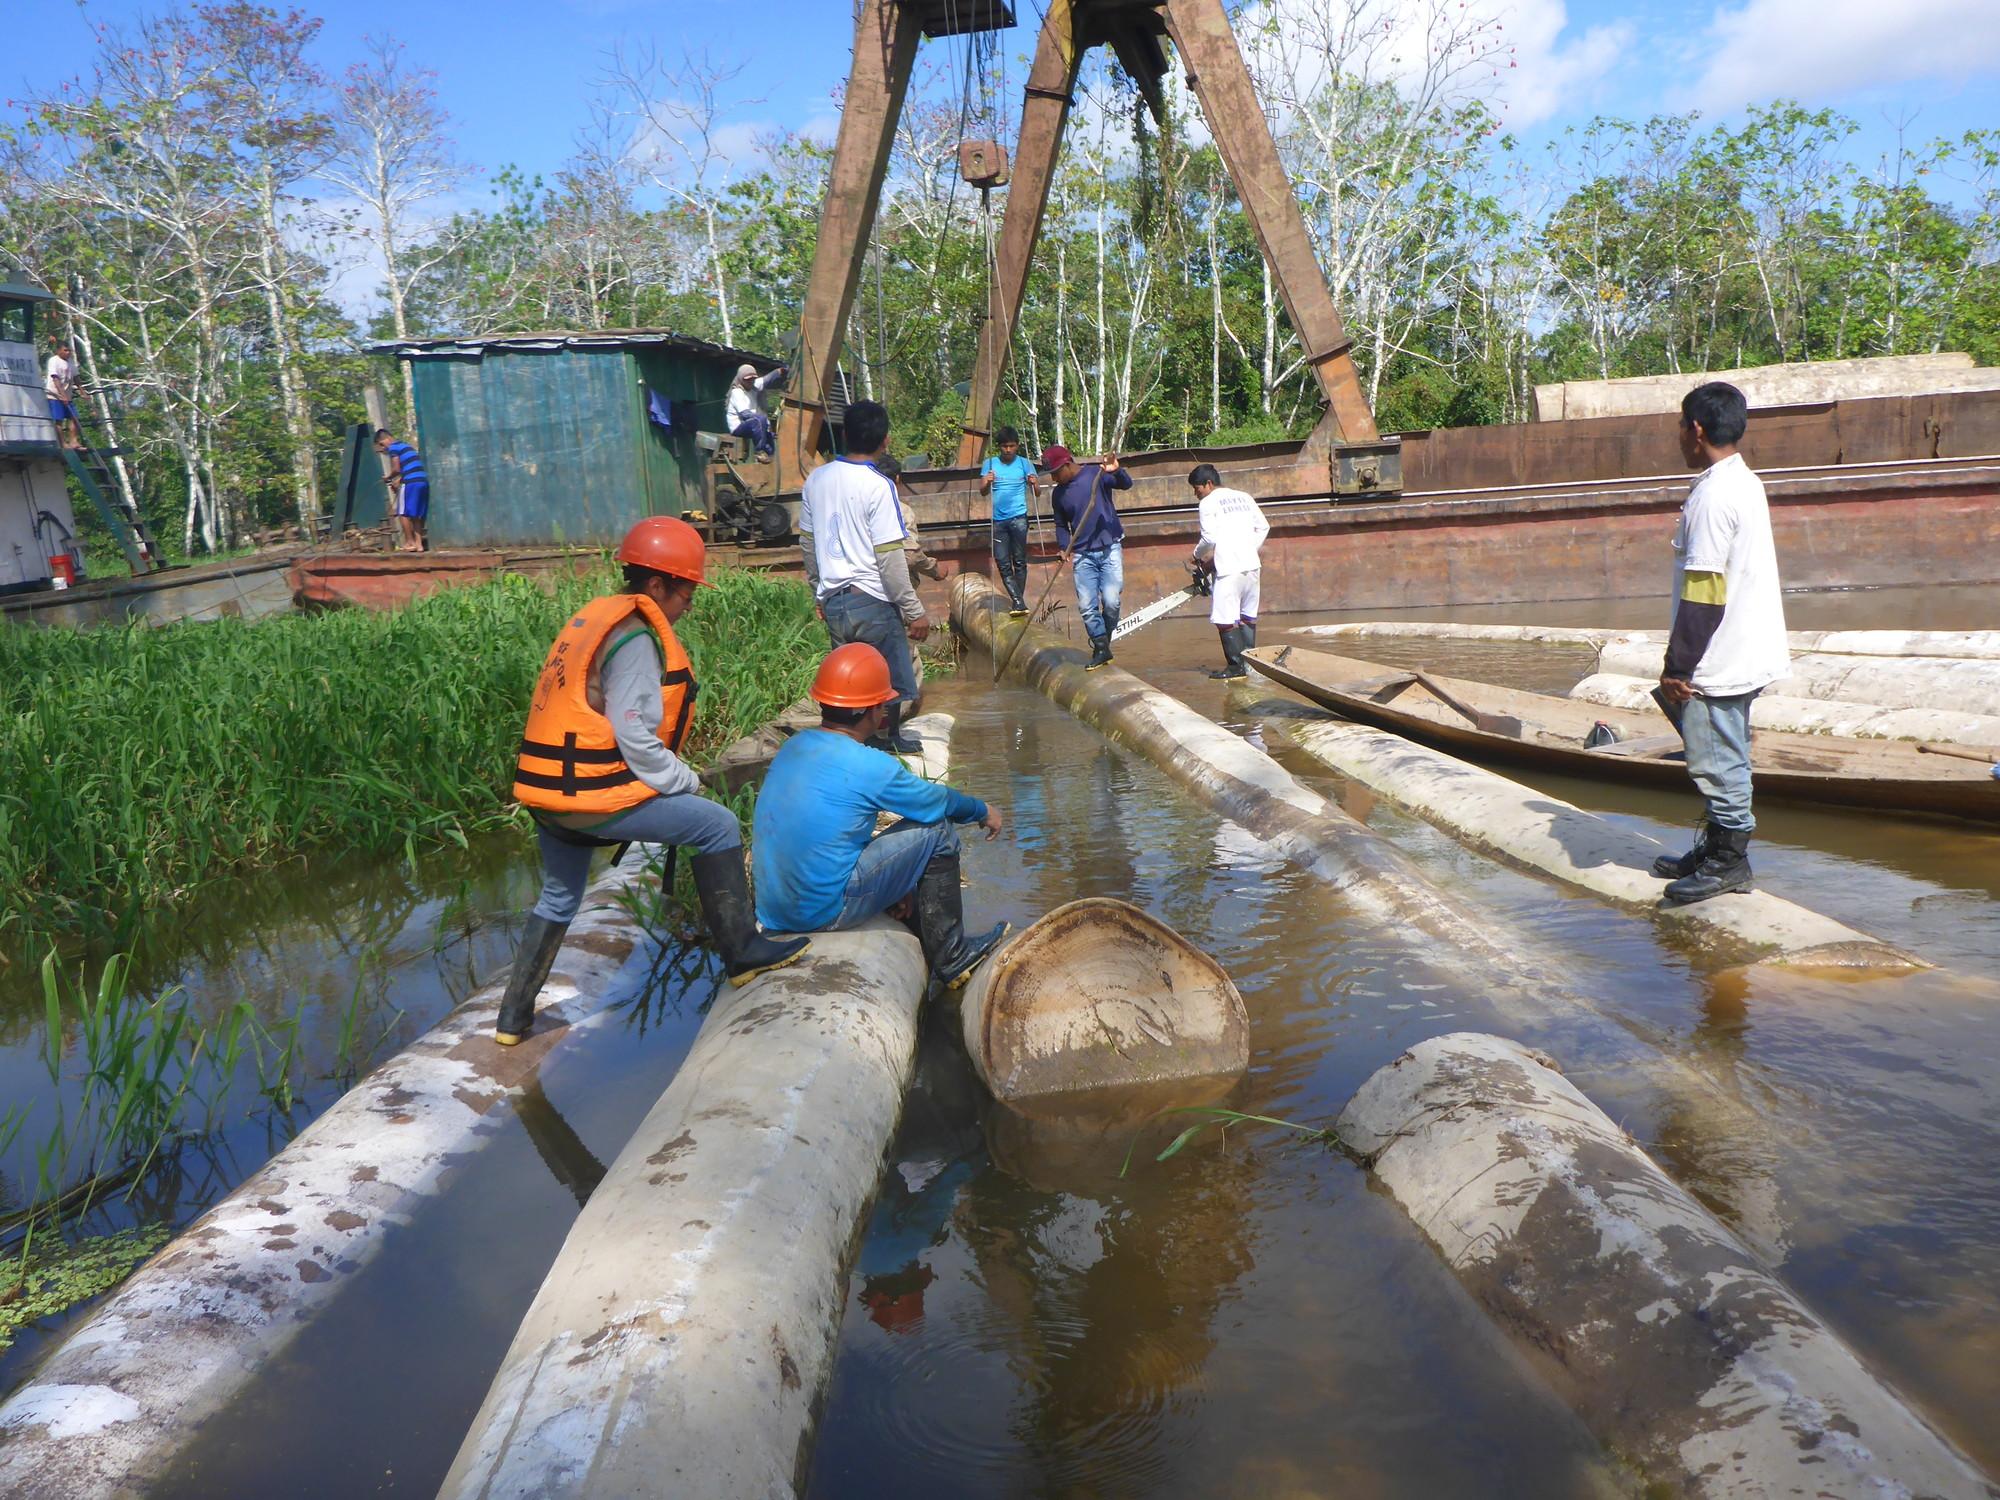 Una variedad de permisos de tala se han utilizado para blanquear madera cuyo valor estimado es de 112 millones de dólares. Foto: Osinfor